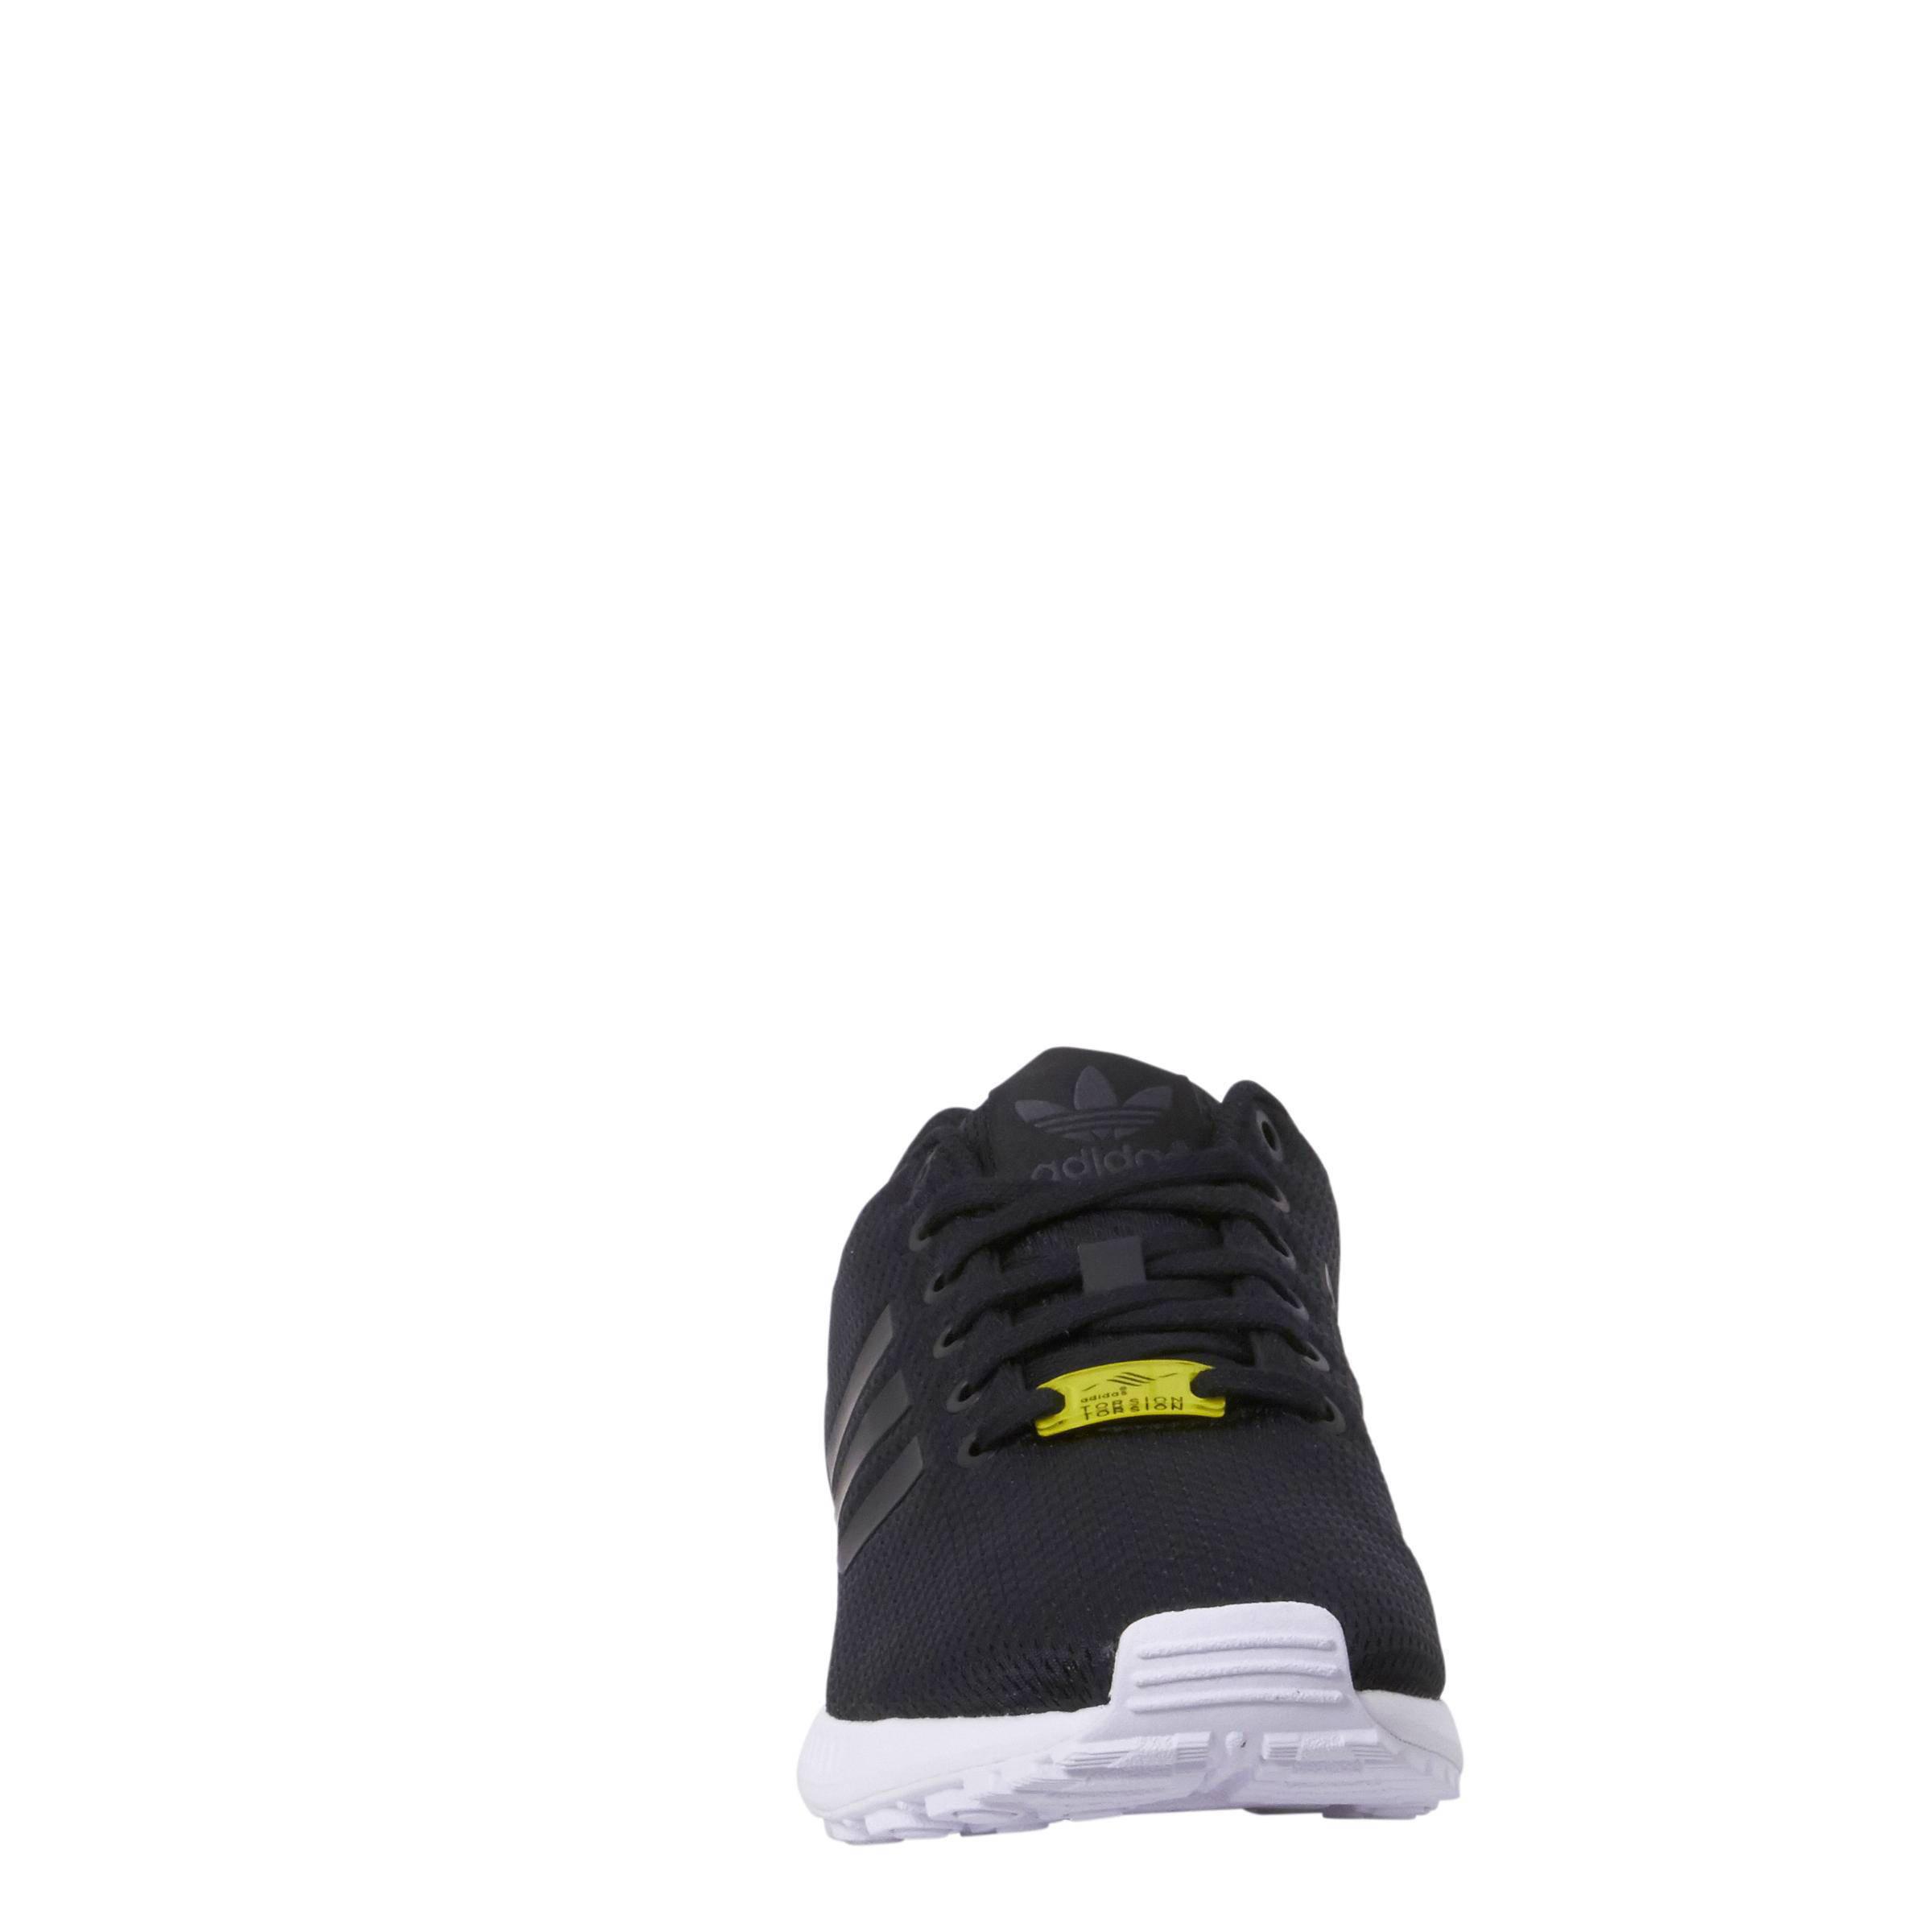 adidas originals ZX Flux sneakers | wehkamp